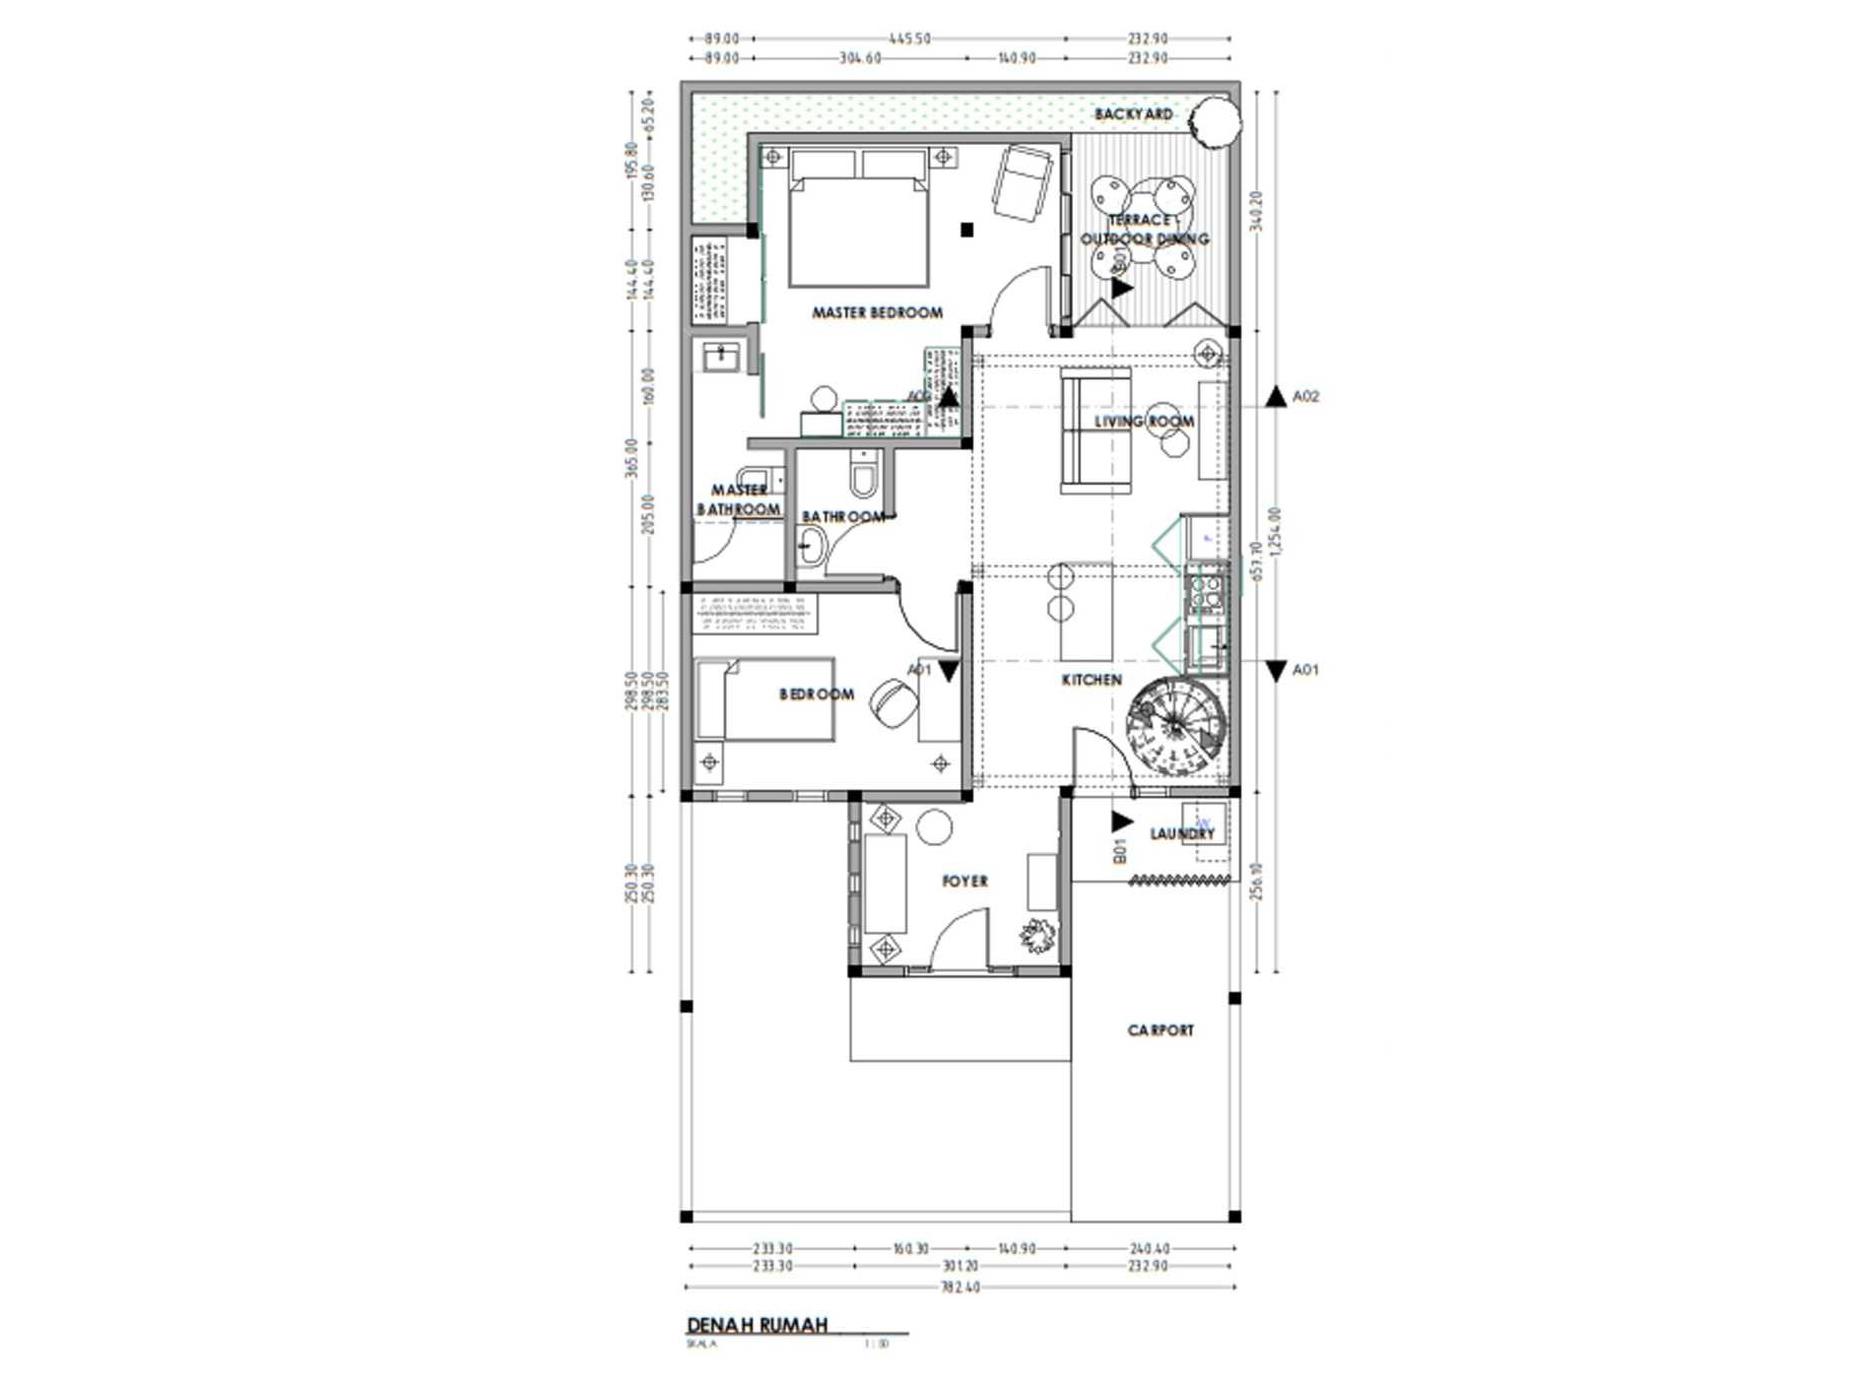 Ide Terbaru Denah Rumah Minimalis Modern 2017 2018 Arsitag